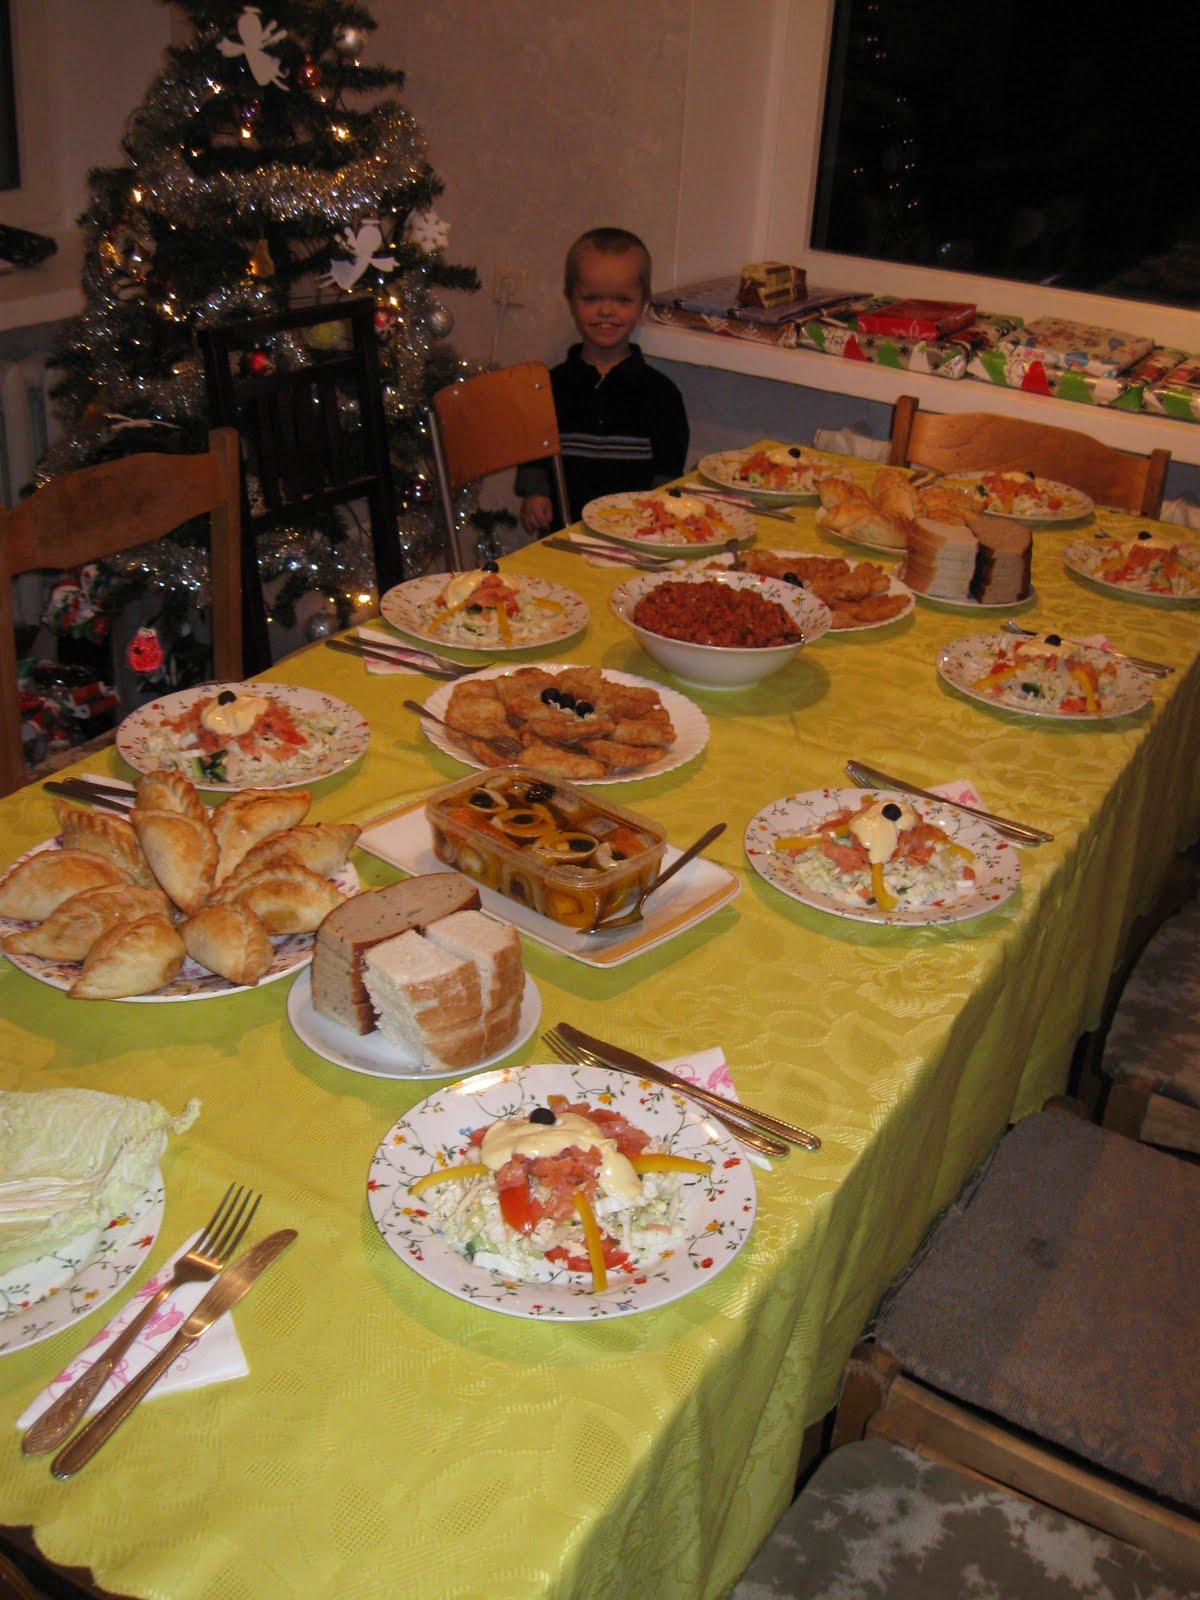 FSJ in Marijampolė (Litauen): Litauische Weihnachten